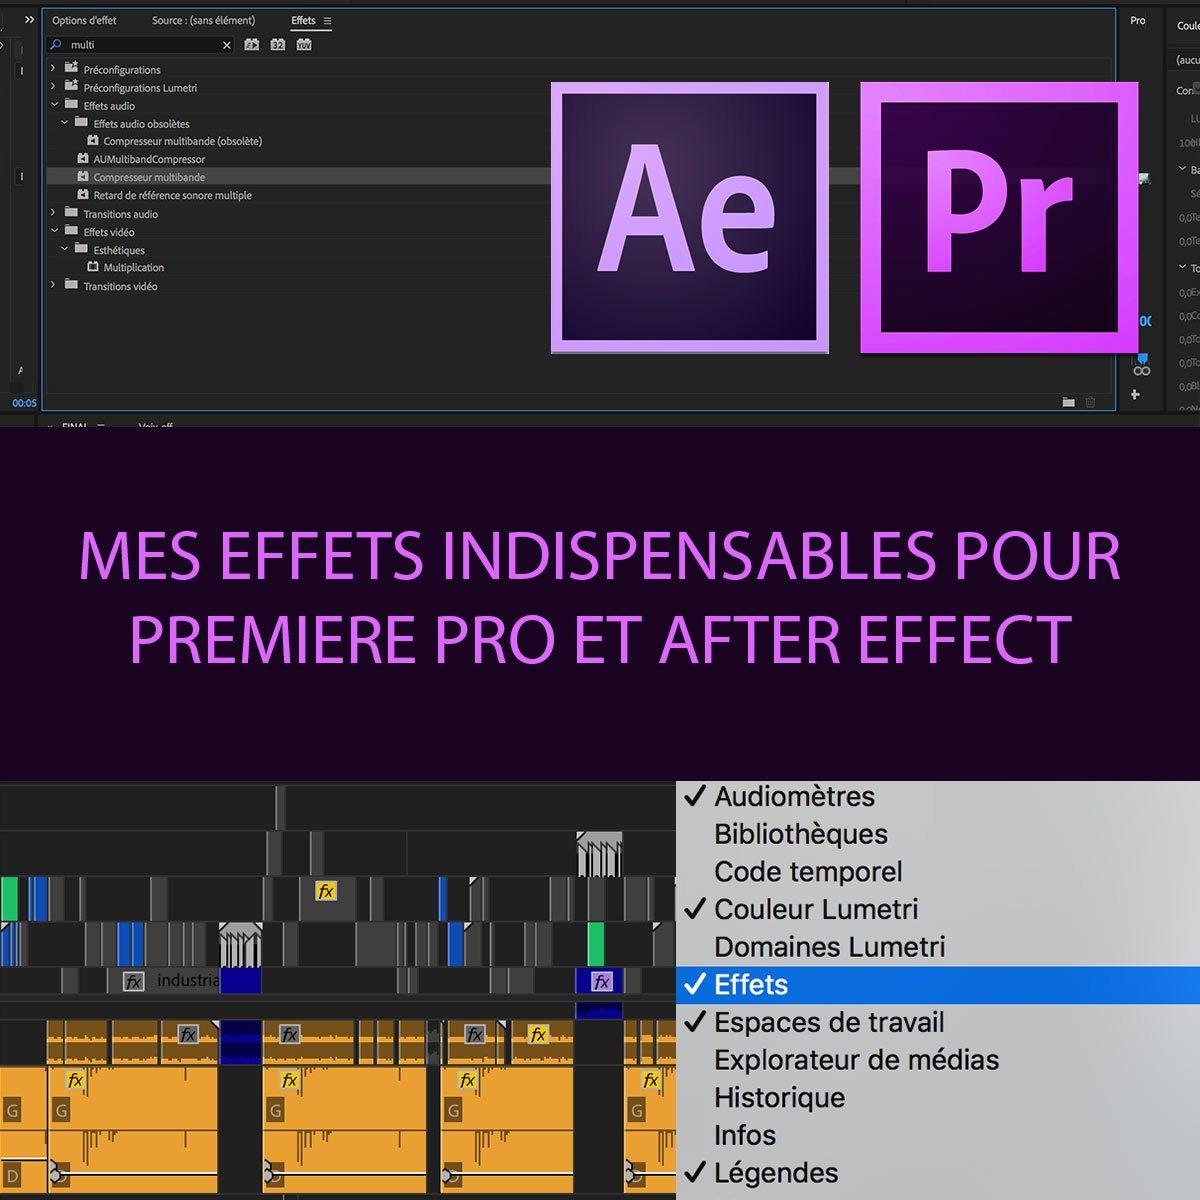 Mes effets indispensables pour Adobe Premiere Pro et After Effect